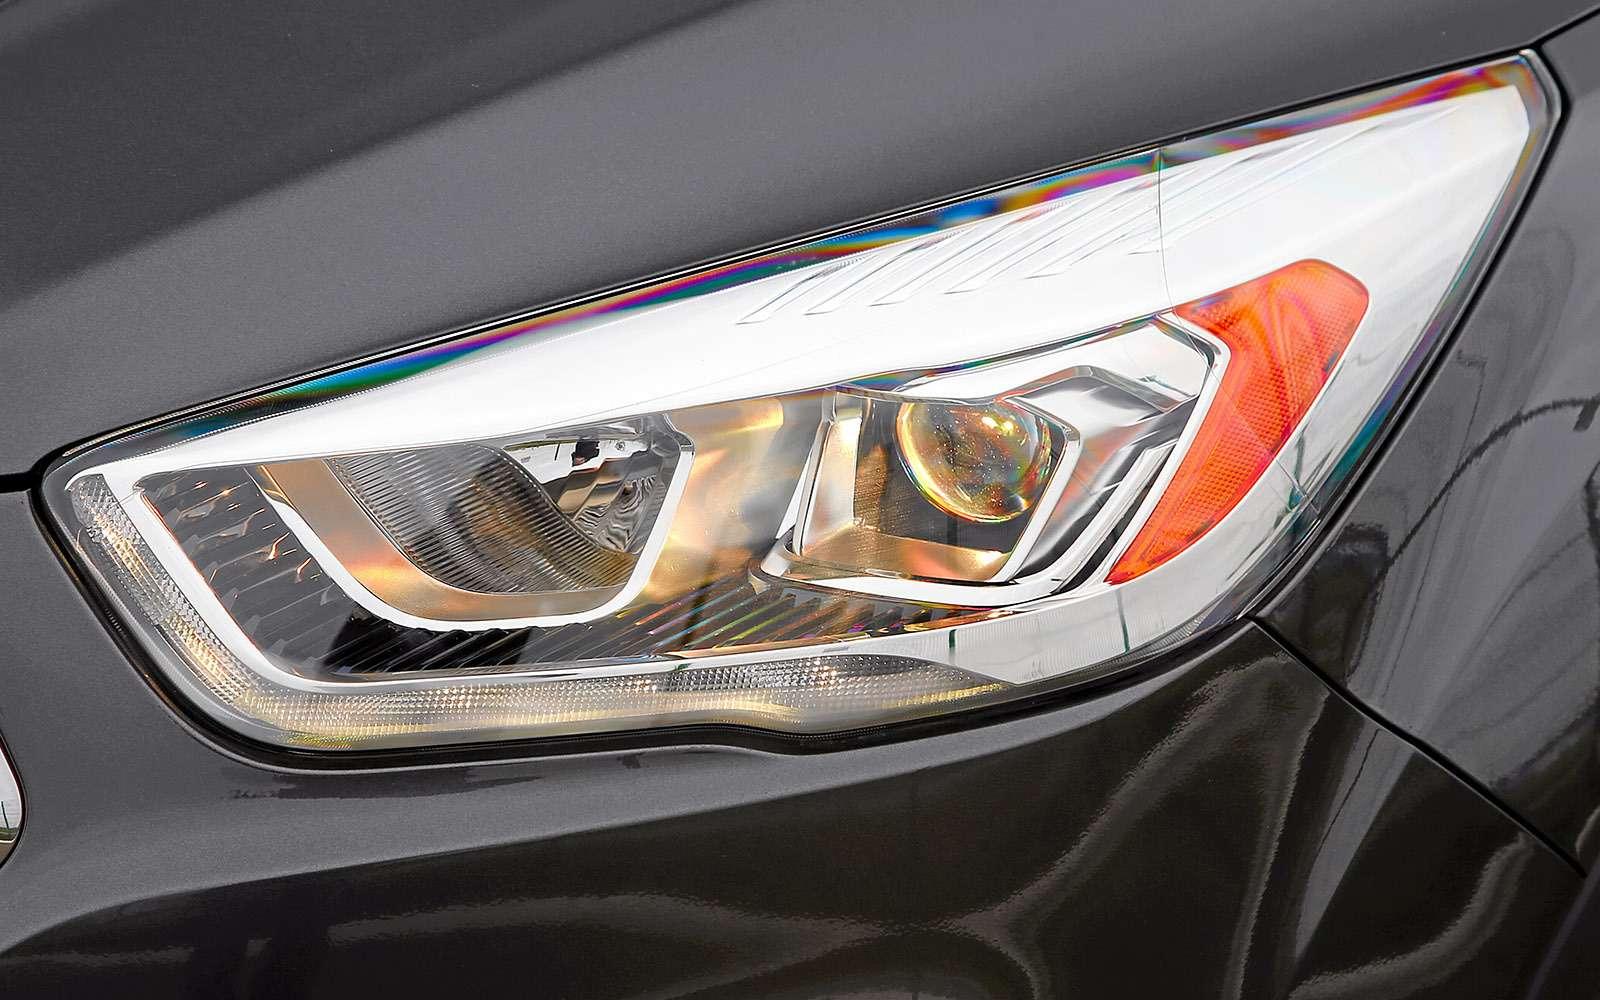 Обновленный Ford Kuga российской сборки: мыпоездили нанем первыми!— фото 674491